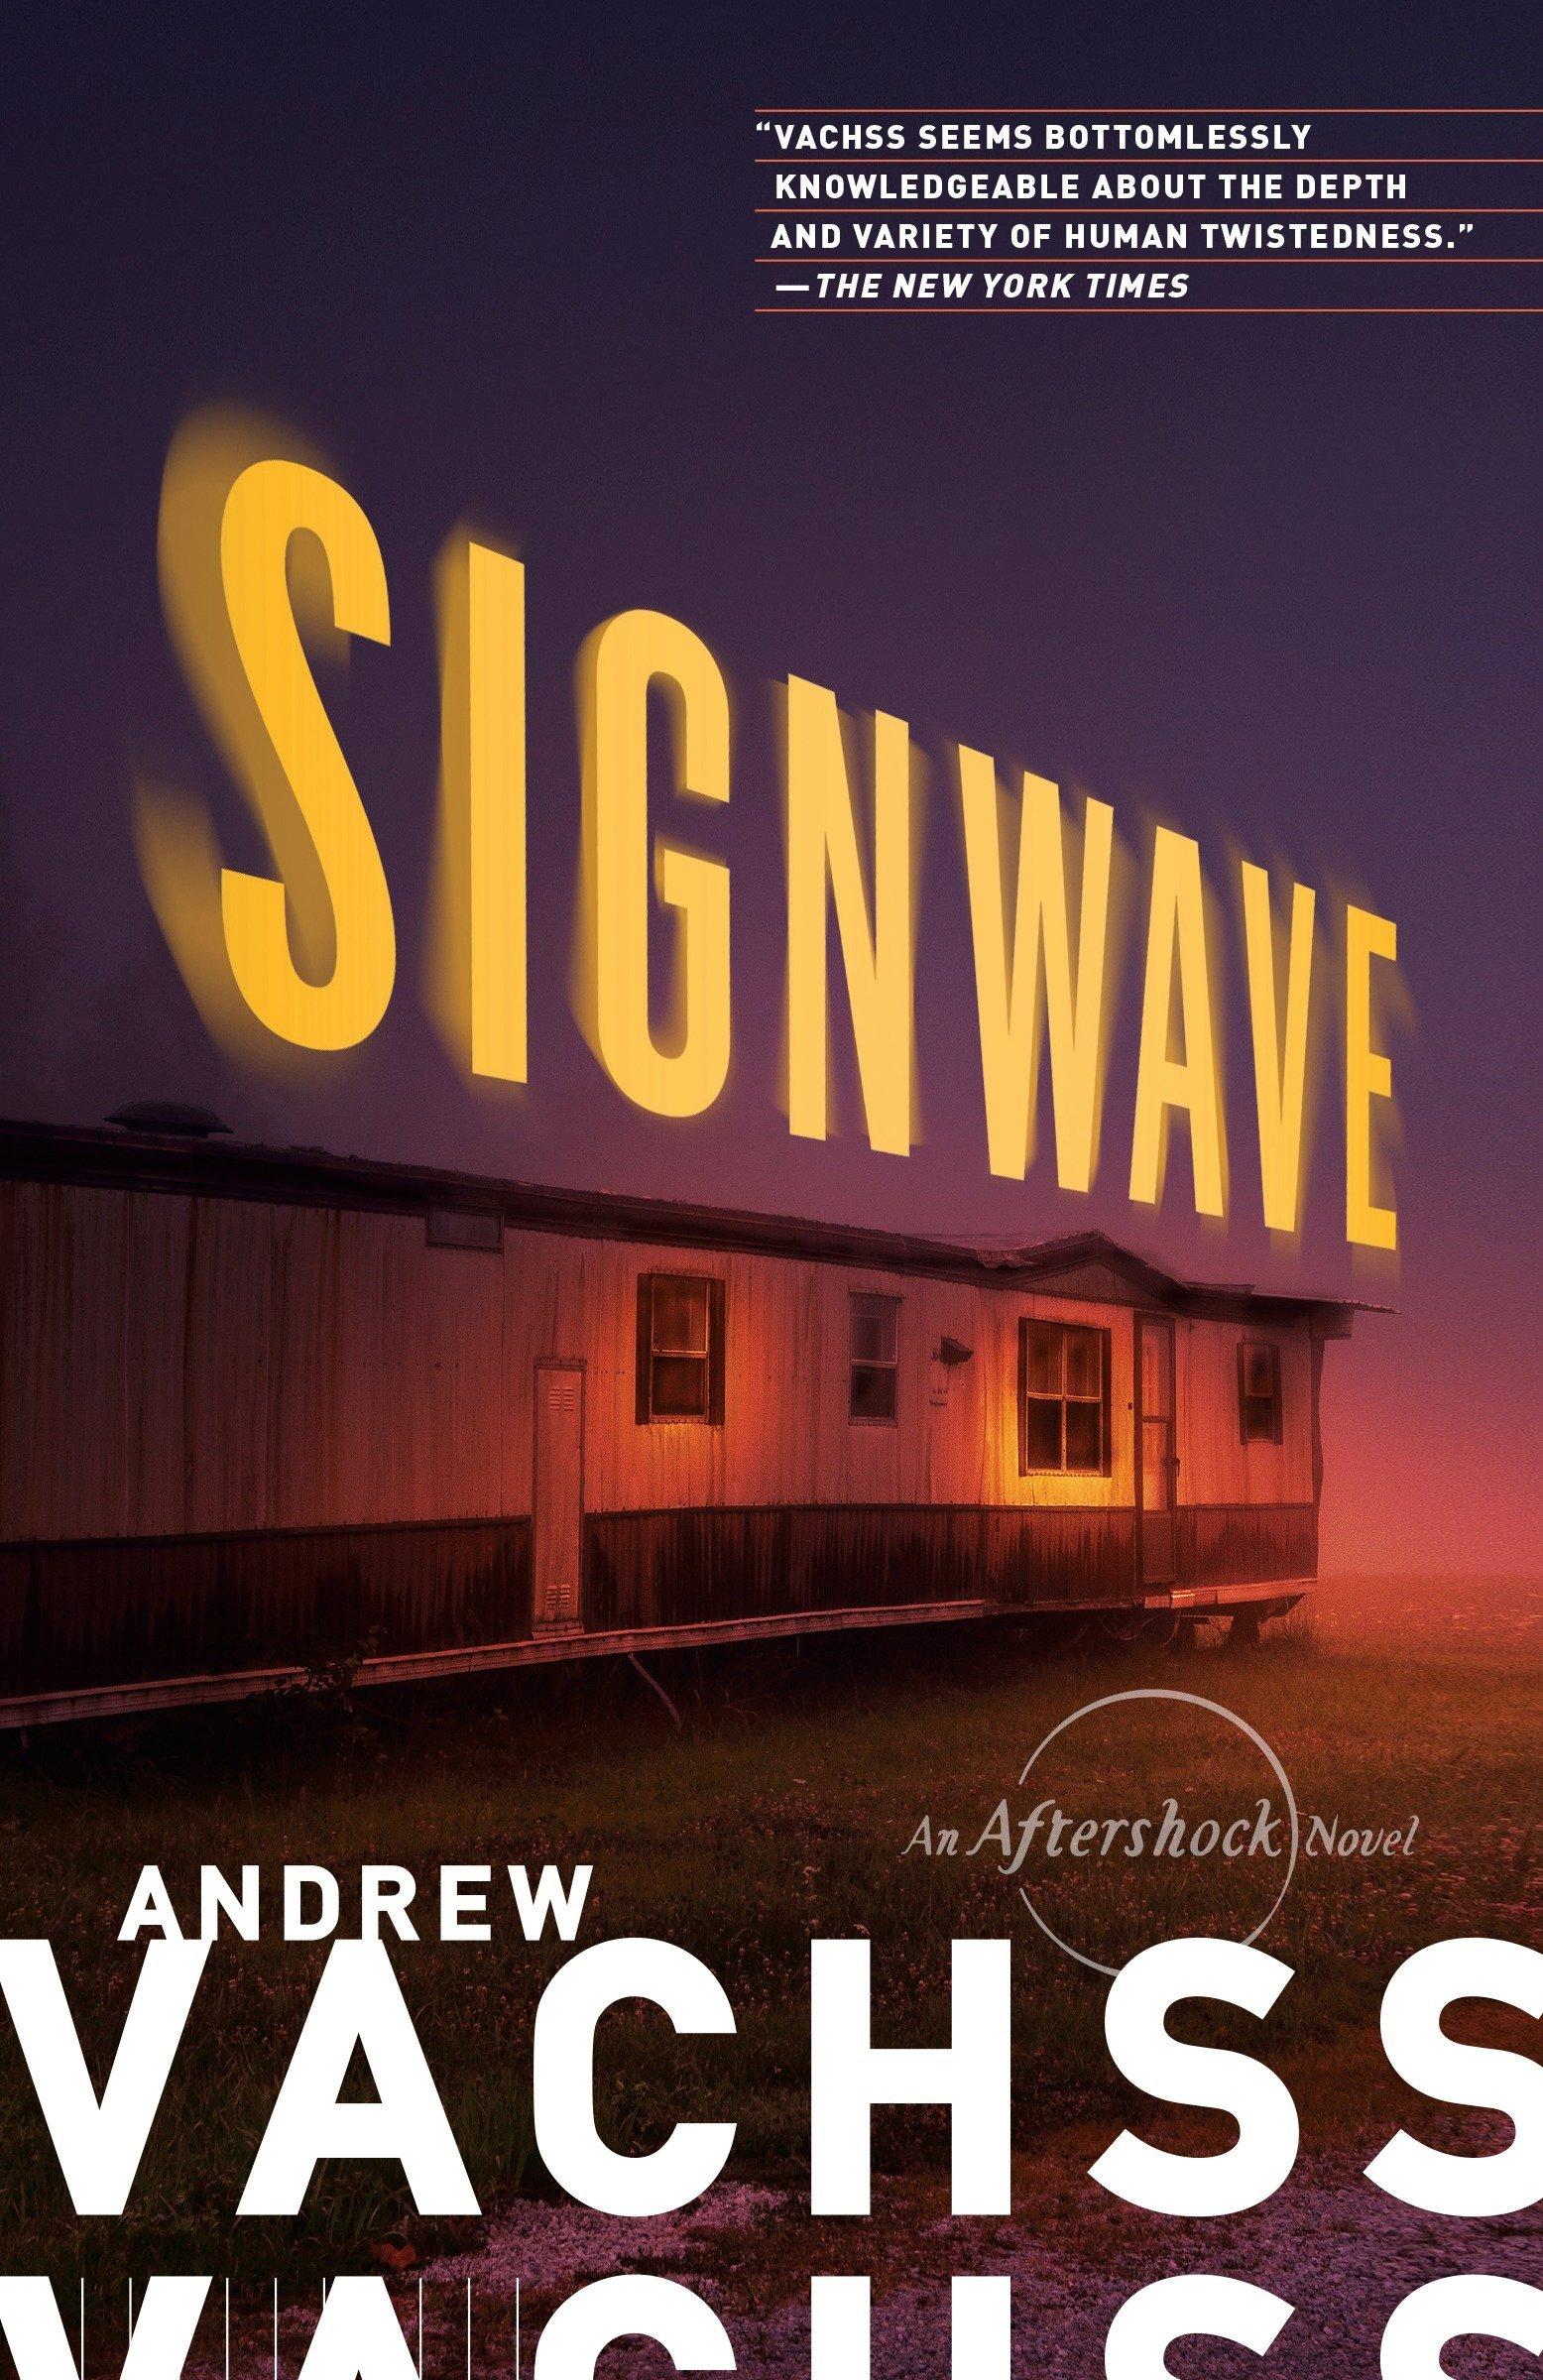 Download SignWave: An Aftershock Novel (Aftershock Series) PDF